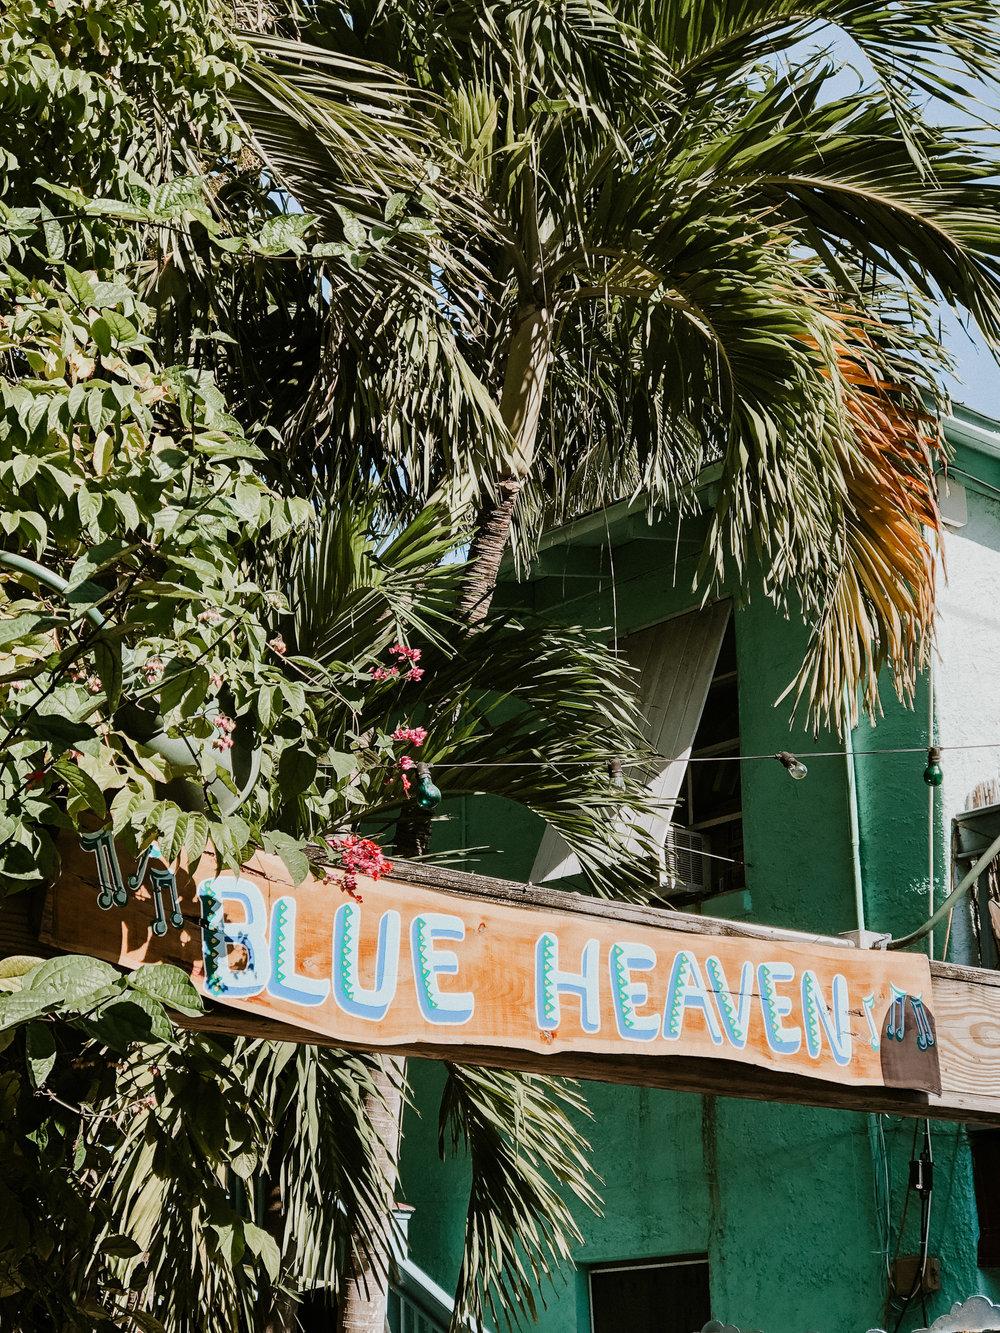 Key West Honeymoon - Blue Heaven